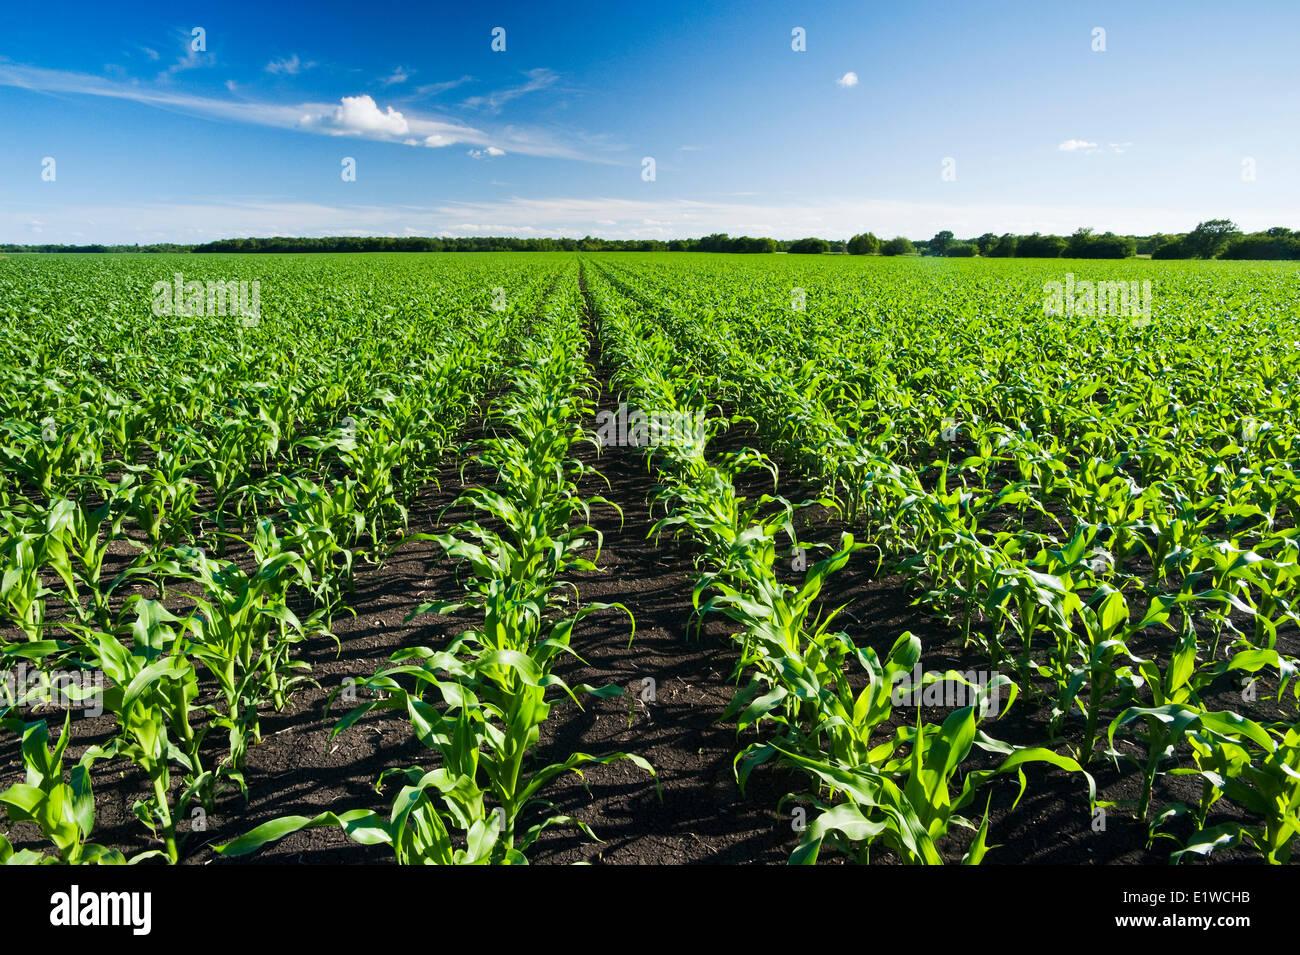 ein Bereich der Futtermittel/Getreide Mais erstreckt sich bis zum Horizont, in der Nähe von Dugald, Manitoba, Stockbild